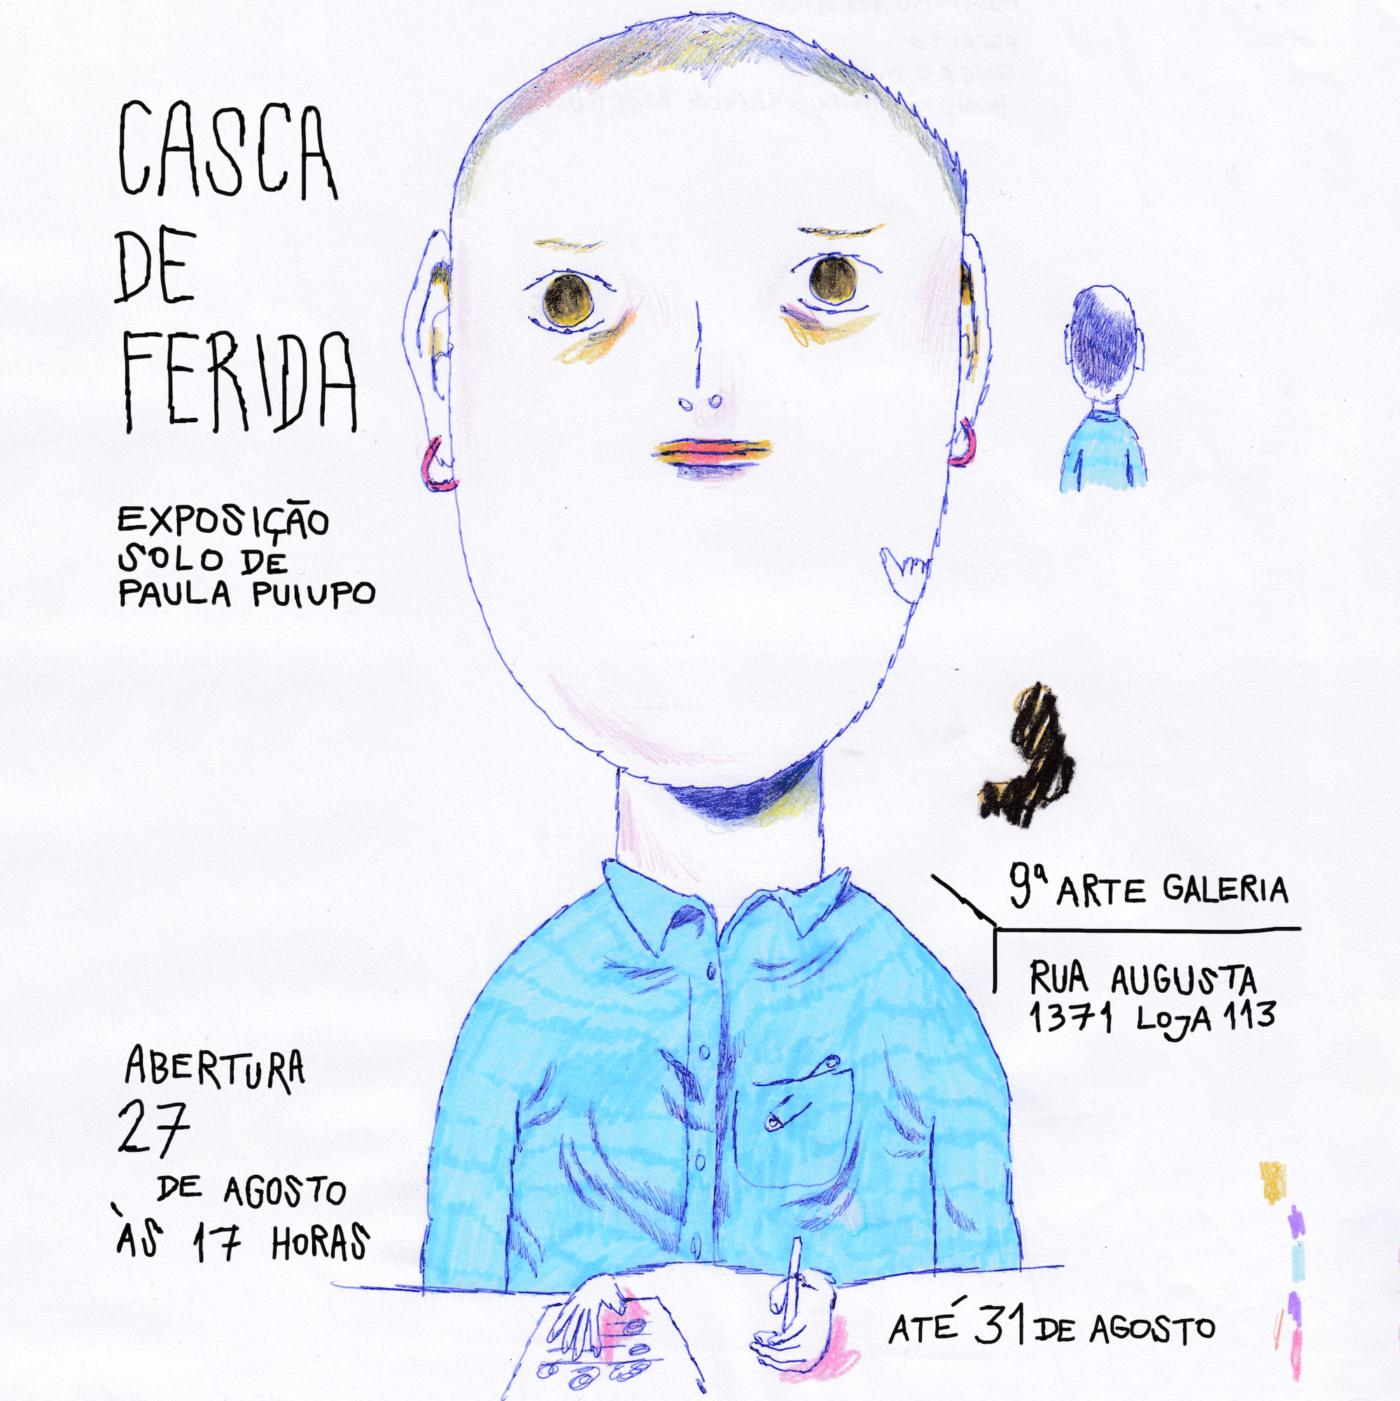 Paula Puiupo expõe originais na mostra Casca de Ferida, em São Paulo